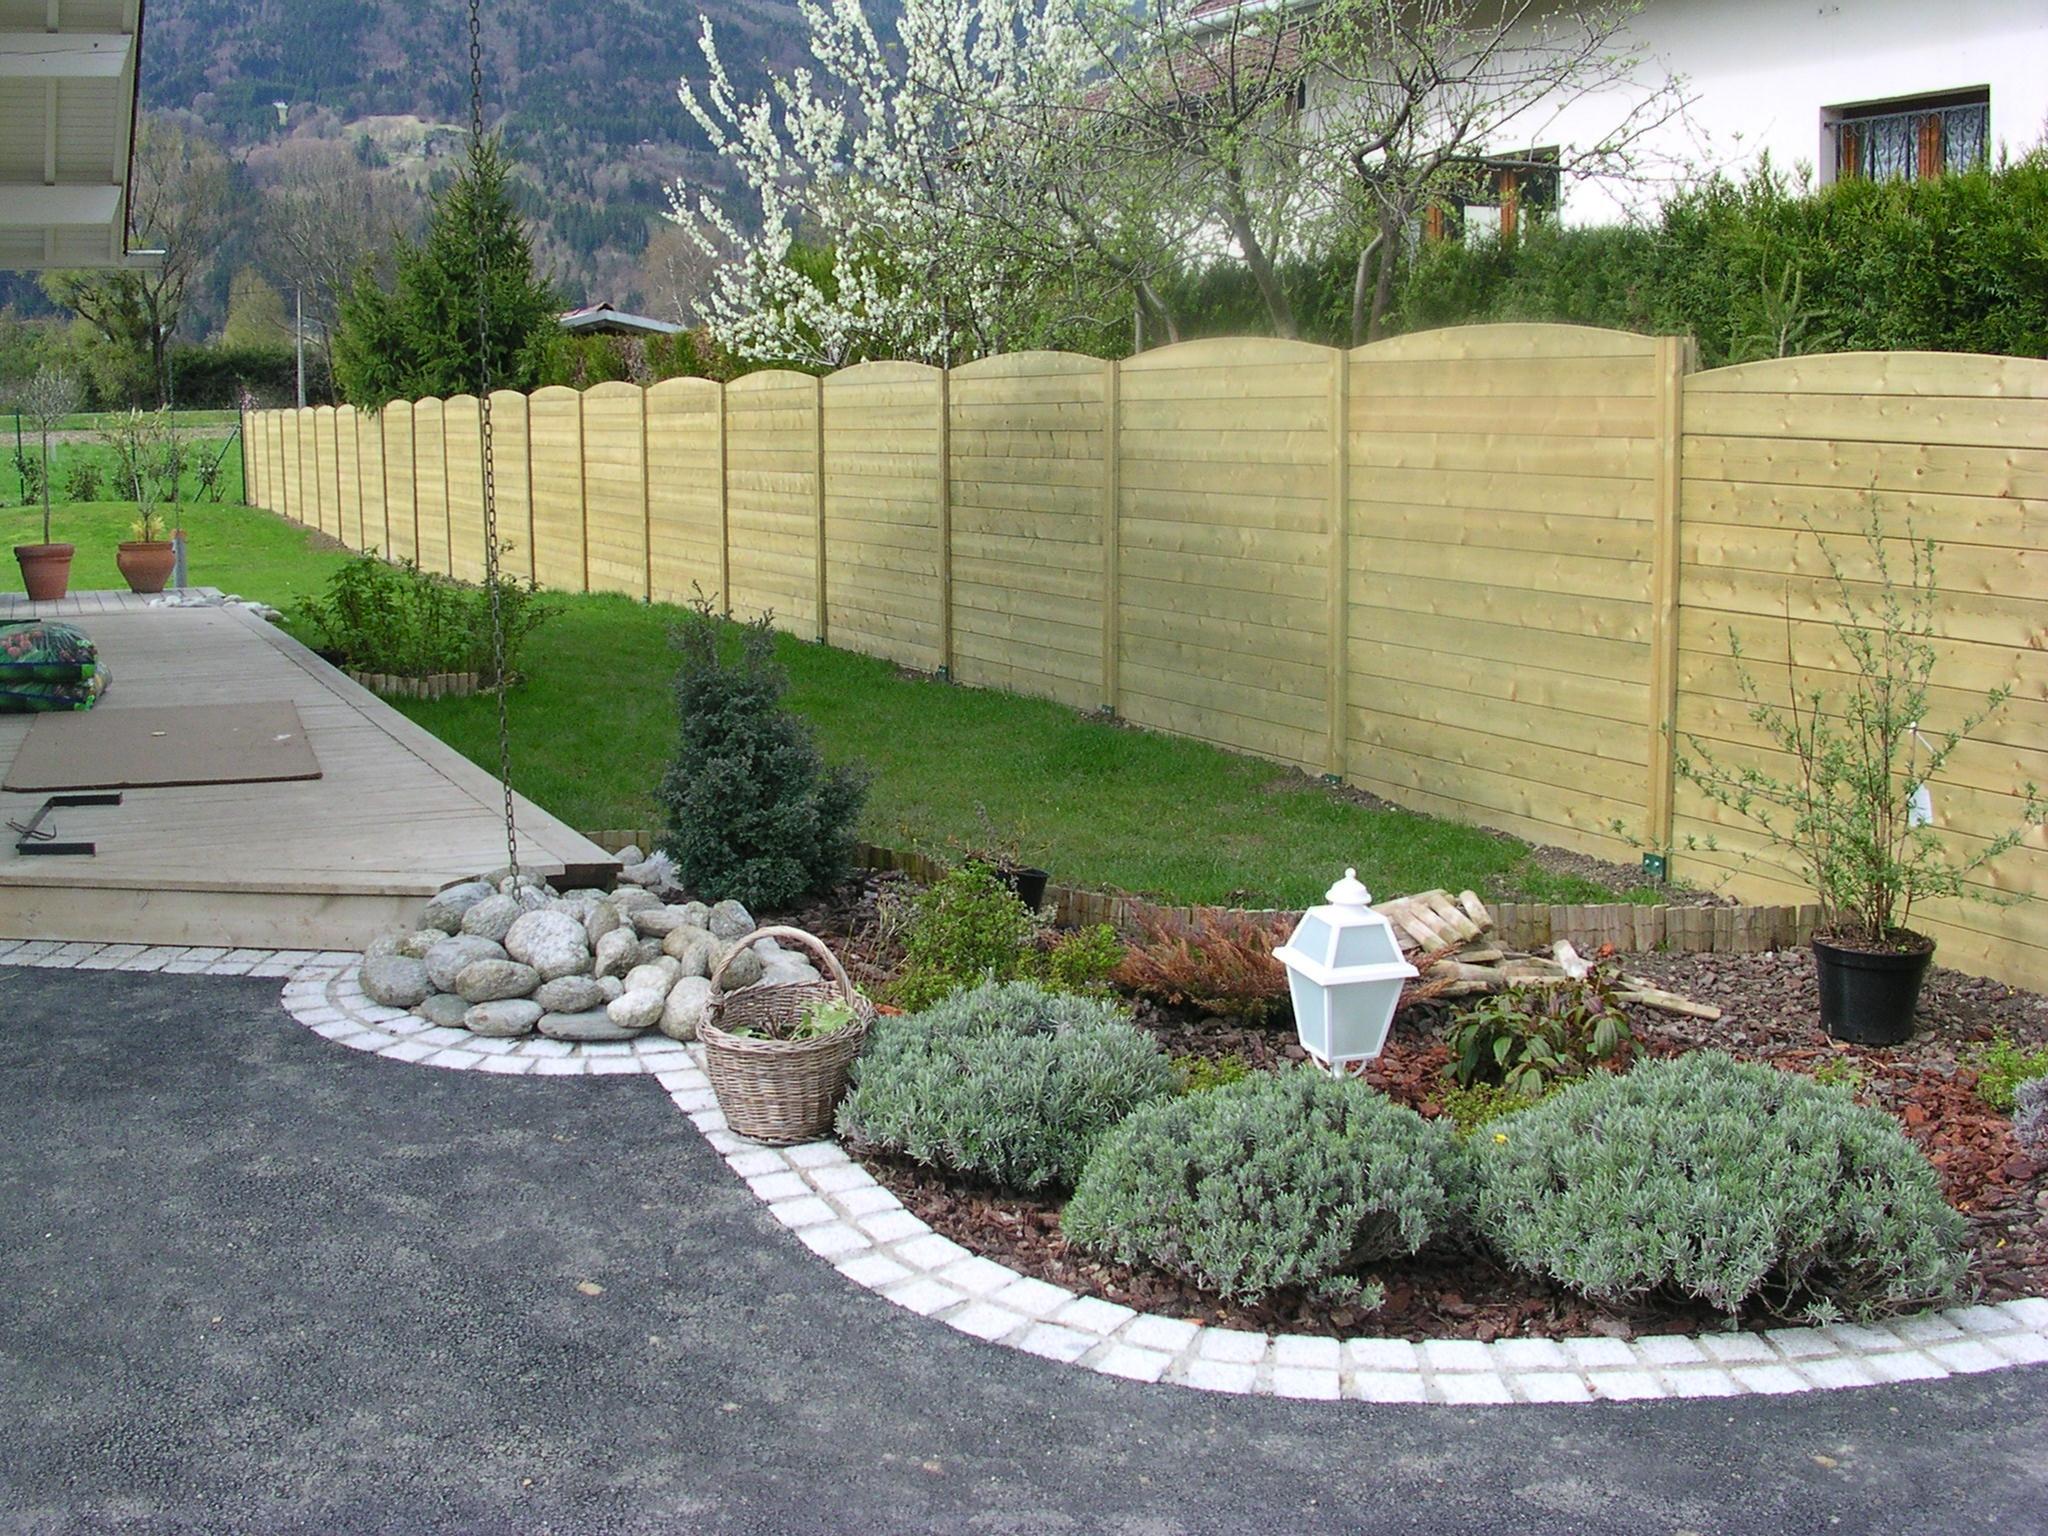 Logiciel Gratuit Paysagiste Inspirant Images Logiciel Jardin Paysagiste Gratuit De Chic Awesome Exemple D